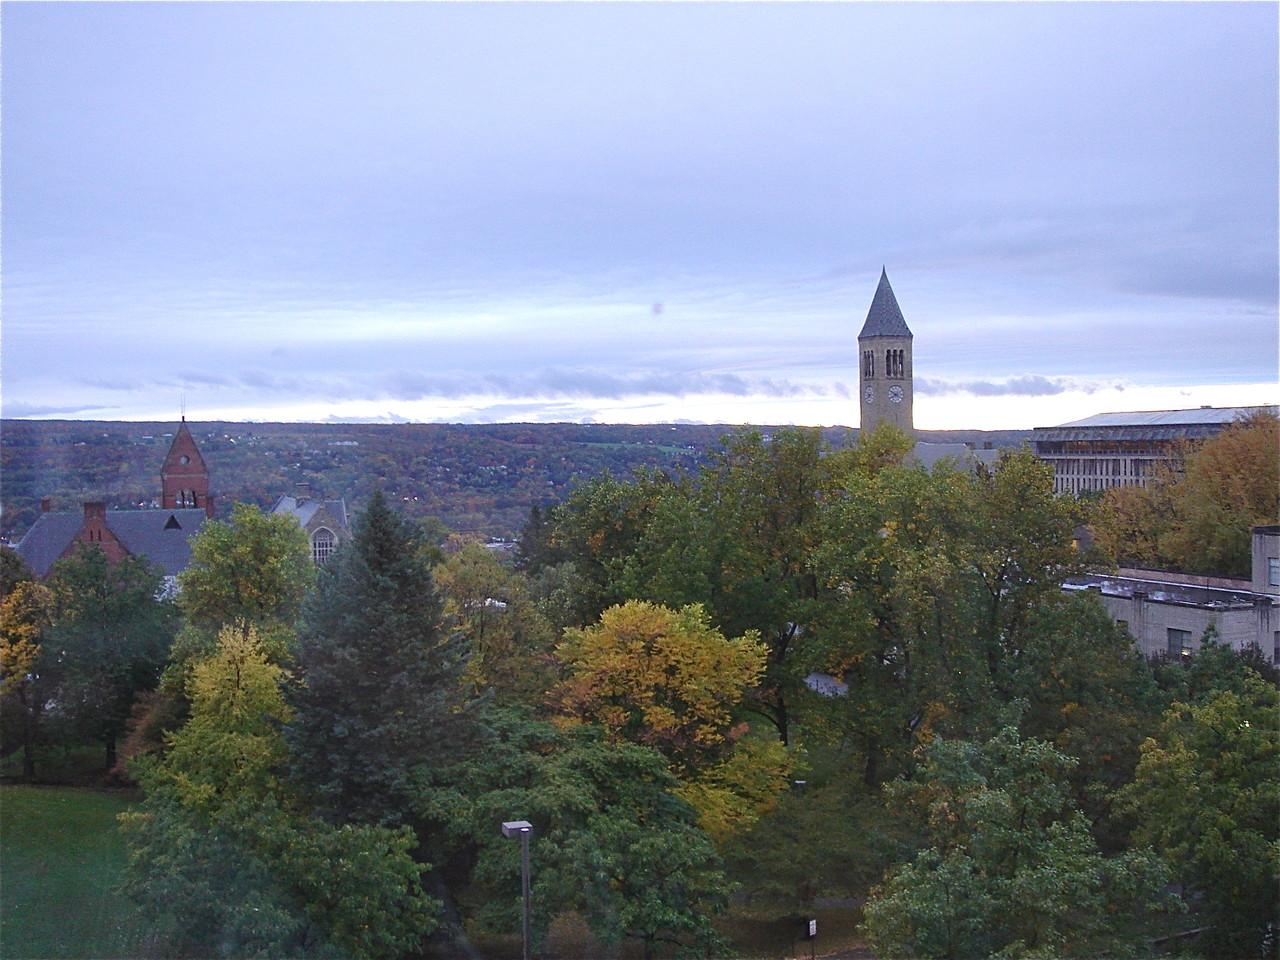 Cornell University, Ithaca, NY  10-12-2012